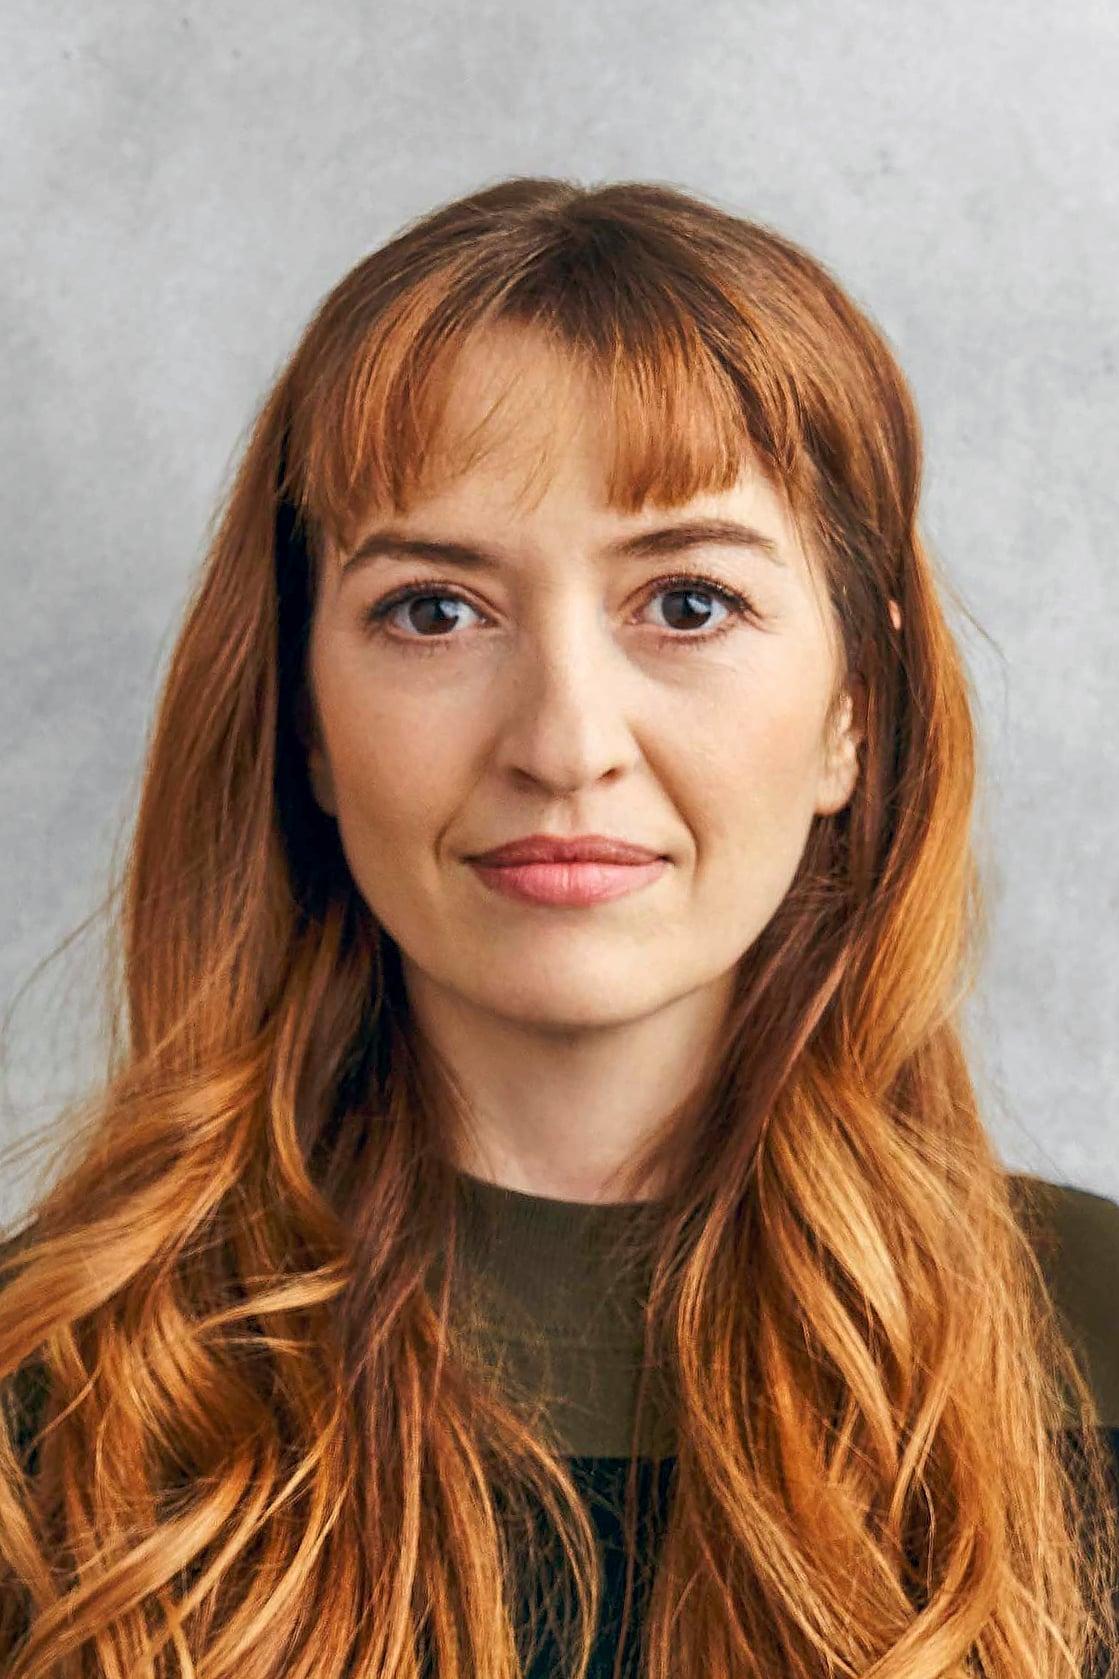 Marielle Heller